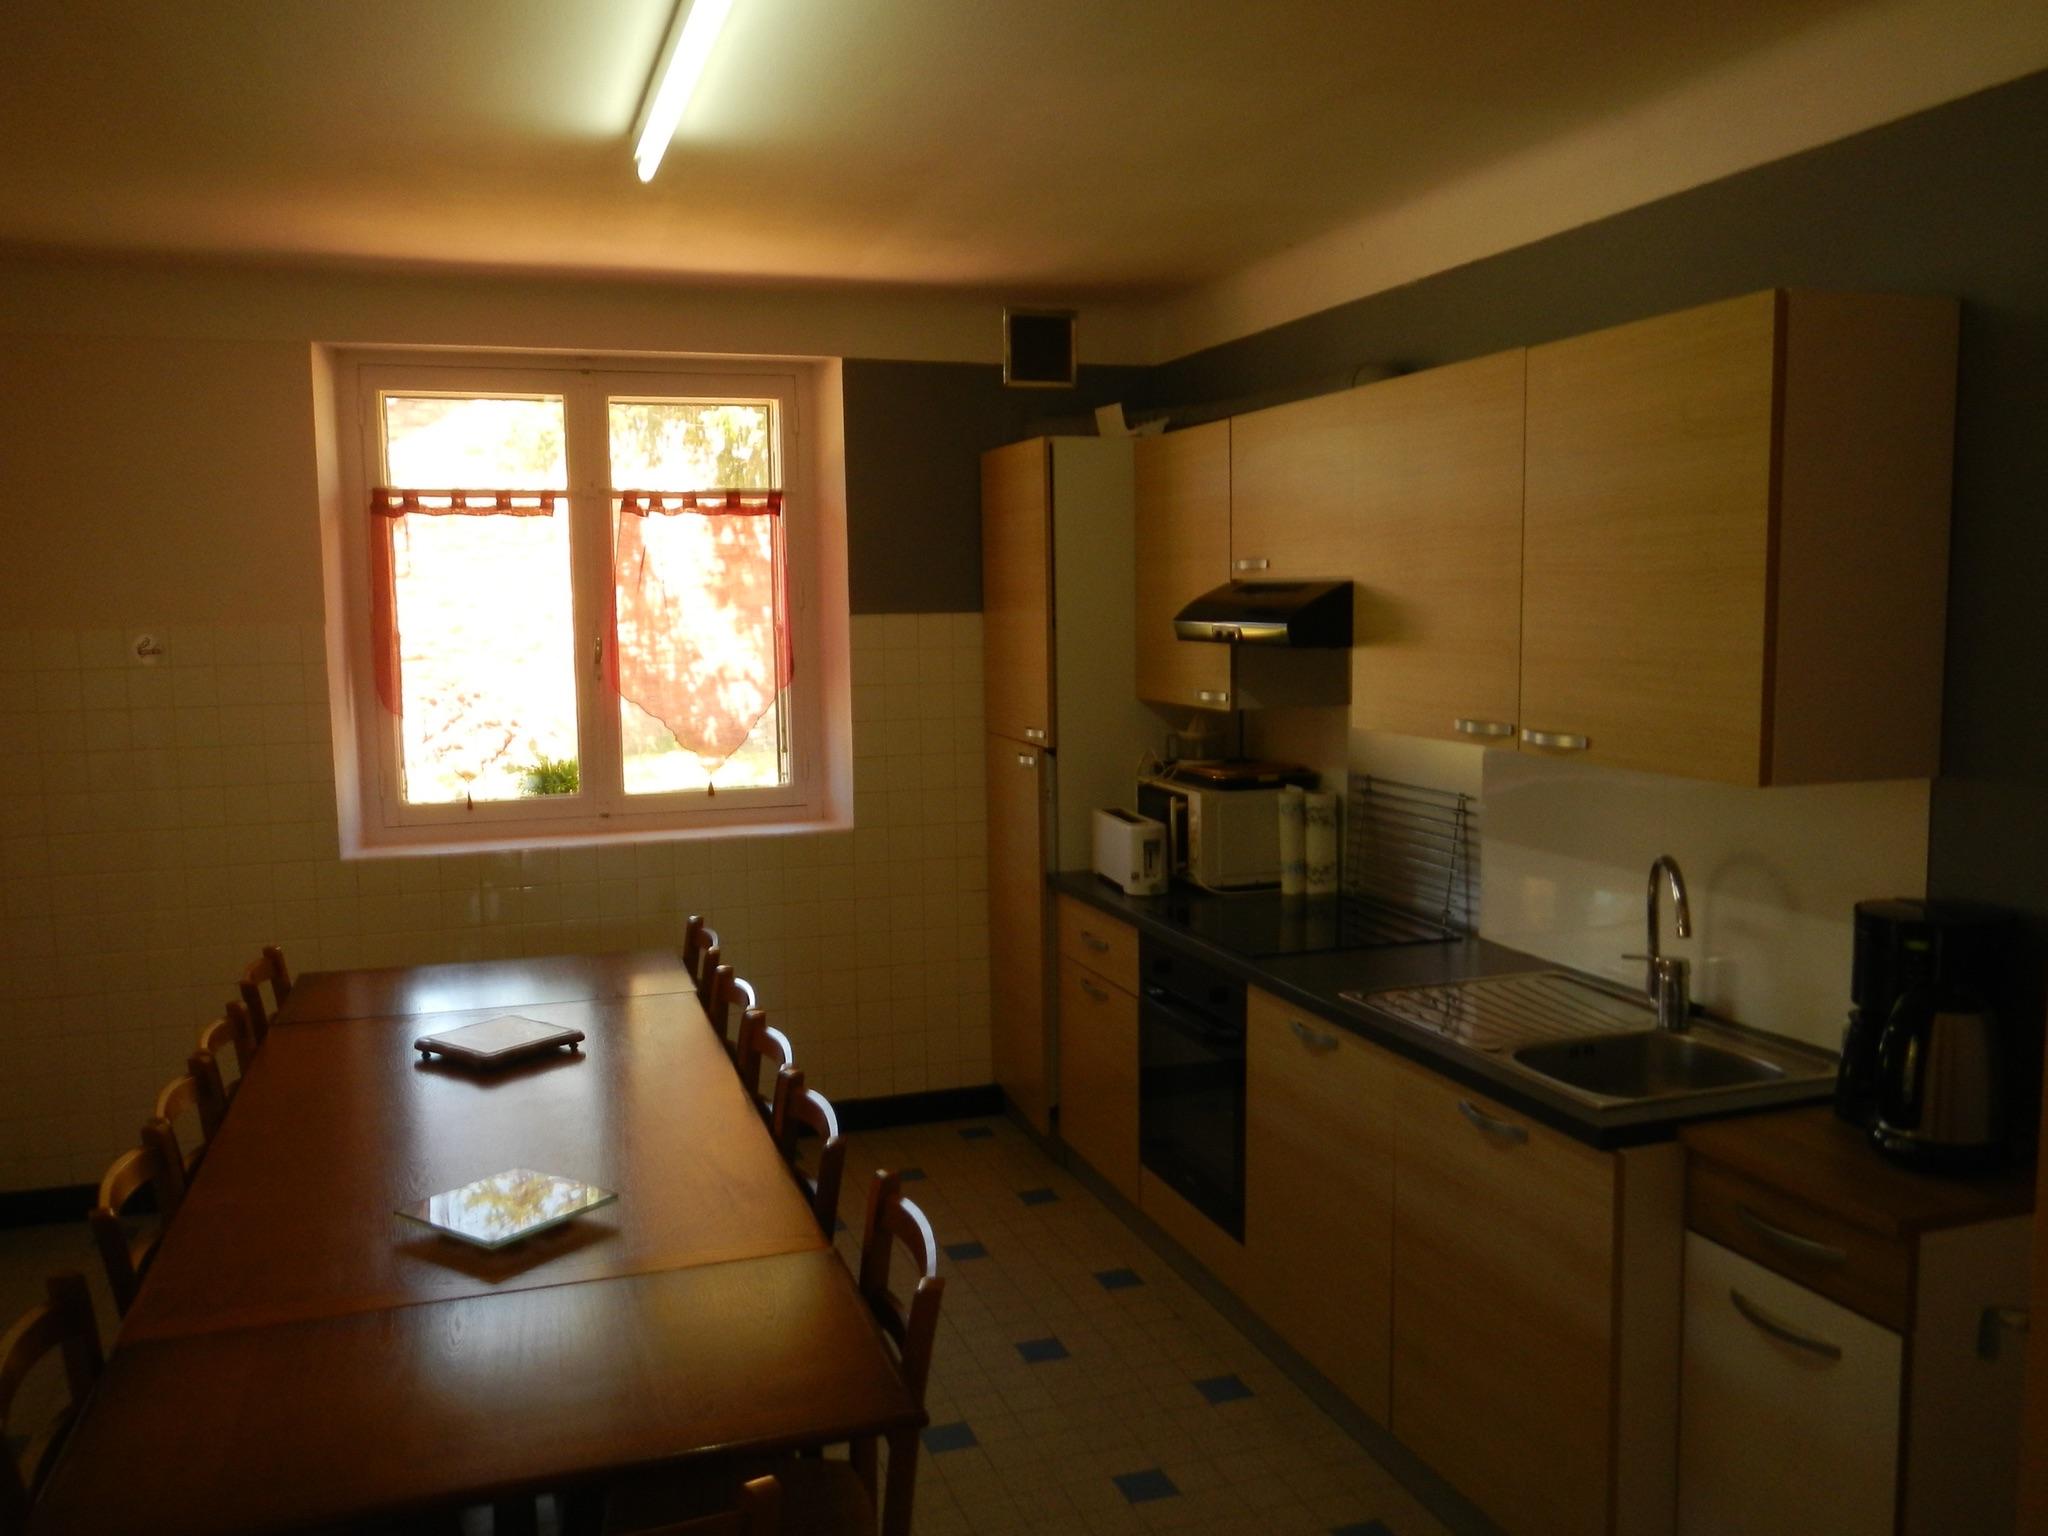 Ferienhaus Haus mit 6 Zimmern in Banassac mit toller Aussicht auf die Berge und eingezäuntem Garten - (2202056), Banassac, Lozère, Languedoc-Roussillon, Frankreich, Bild 5